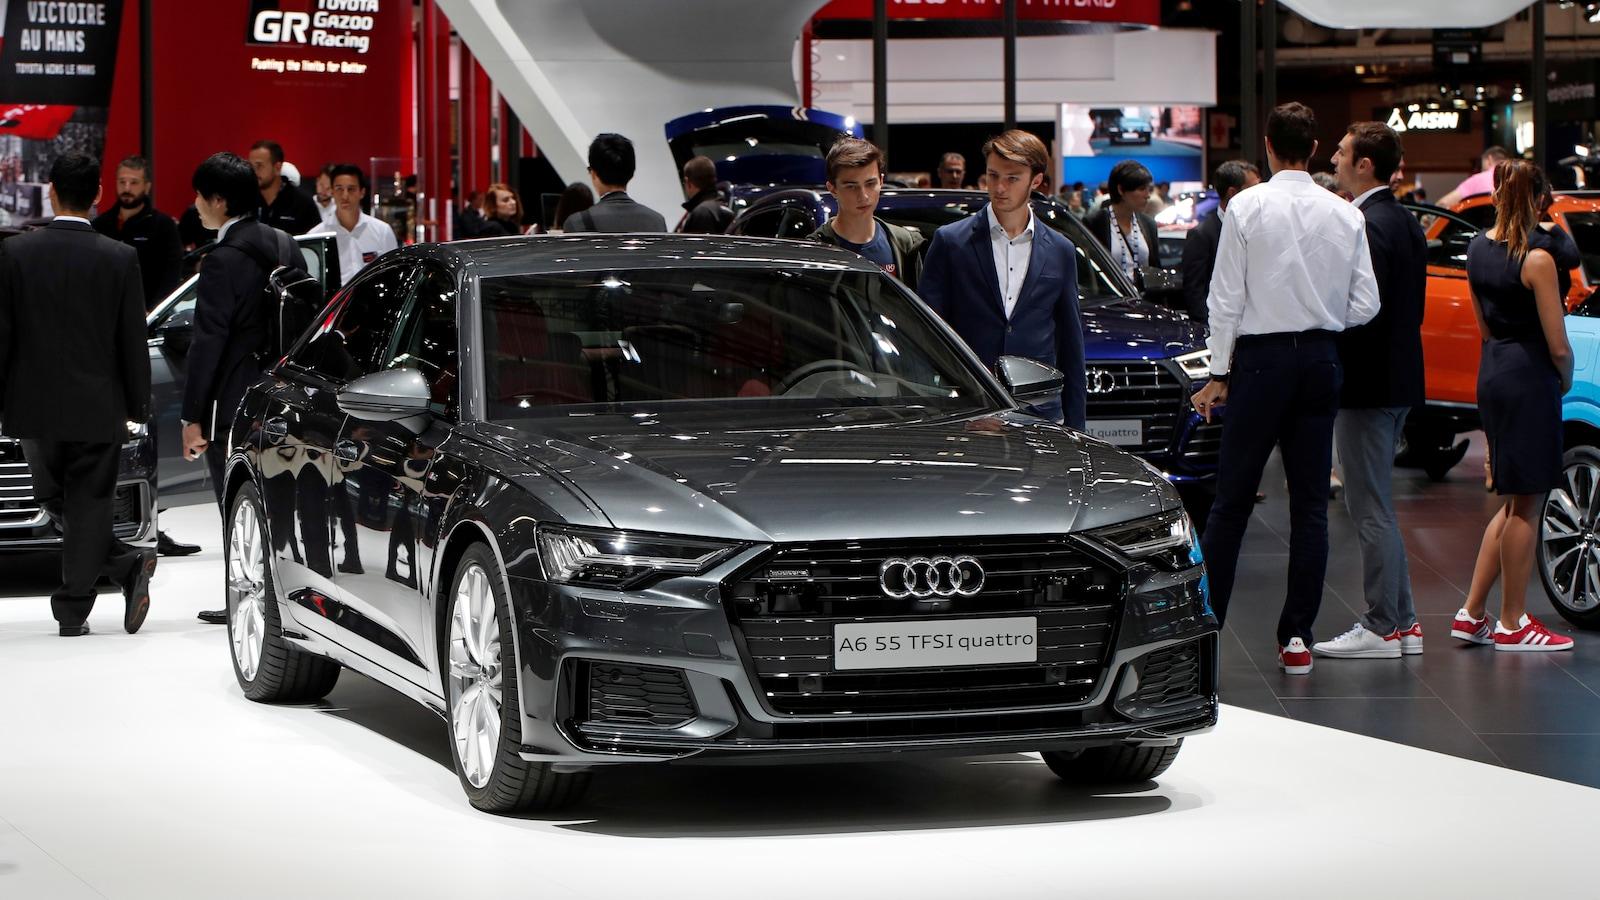 Une Audi A6 en démonstration.